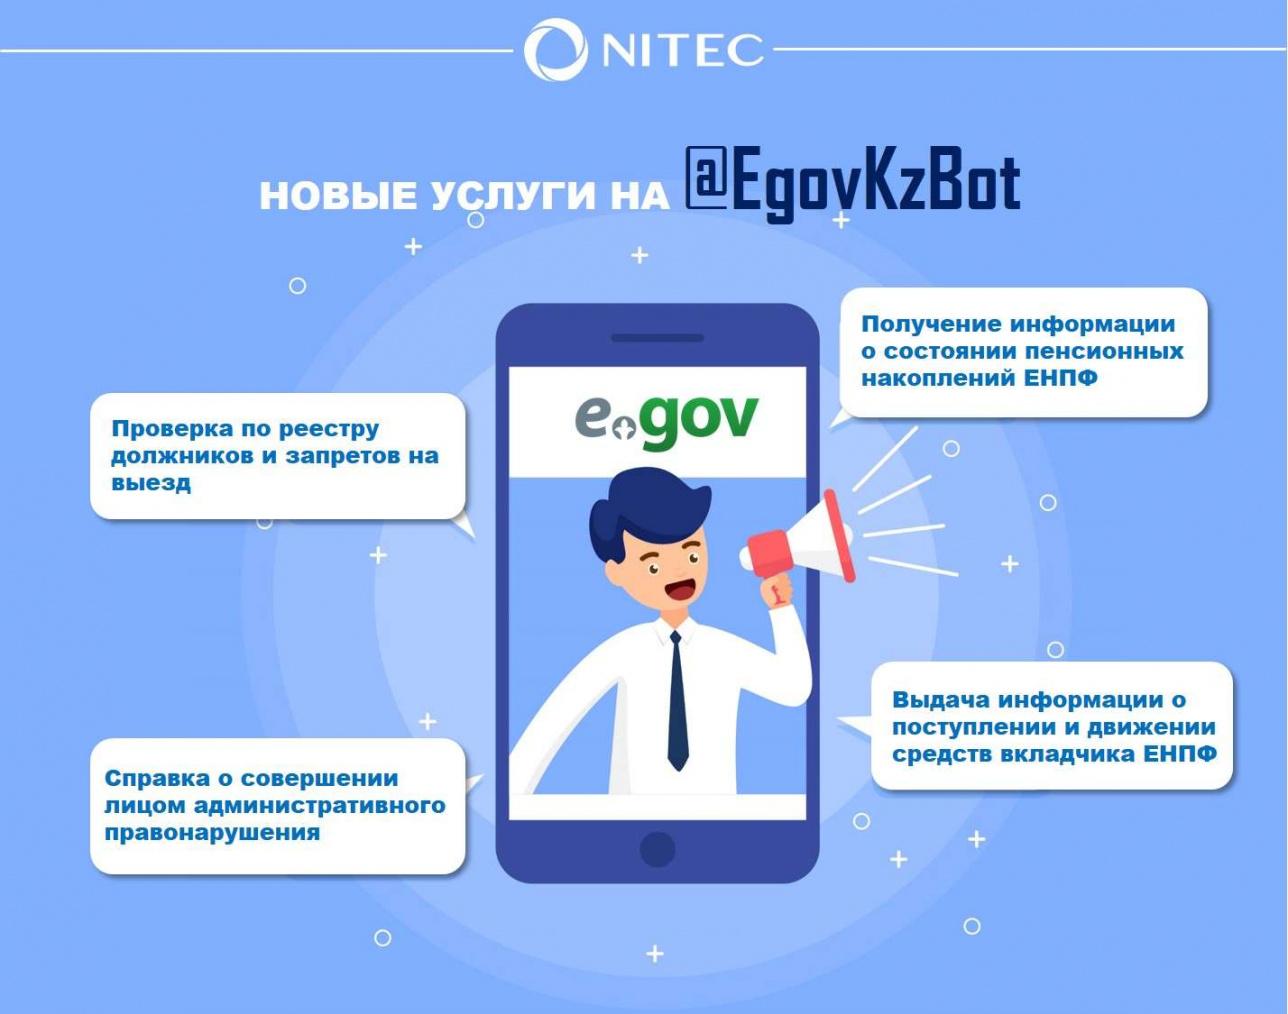 В мессенджере @EgovKzBot появились четыре новые услуги